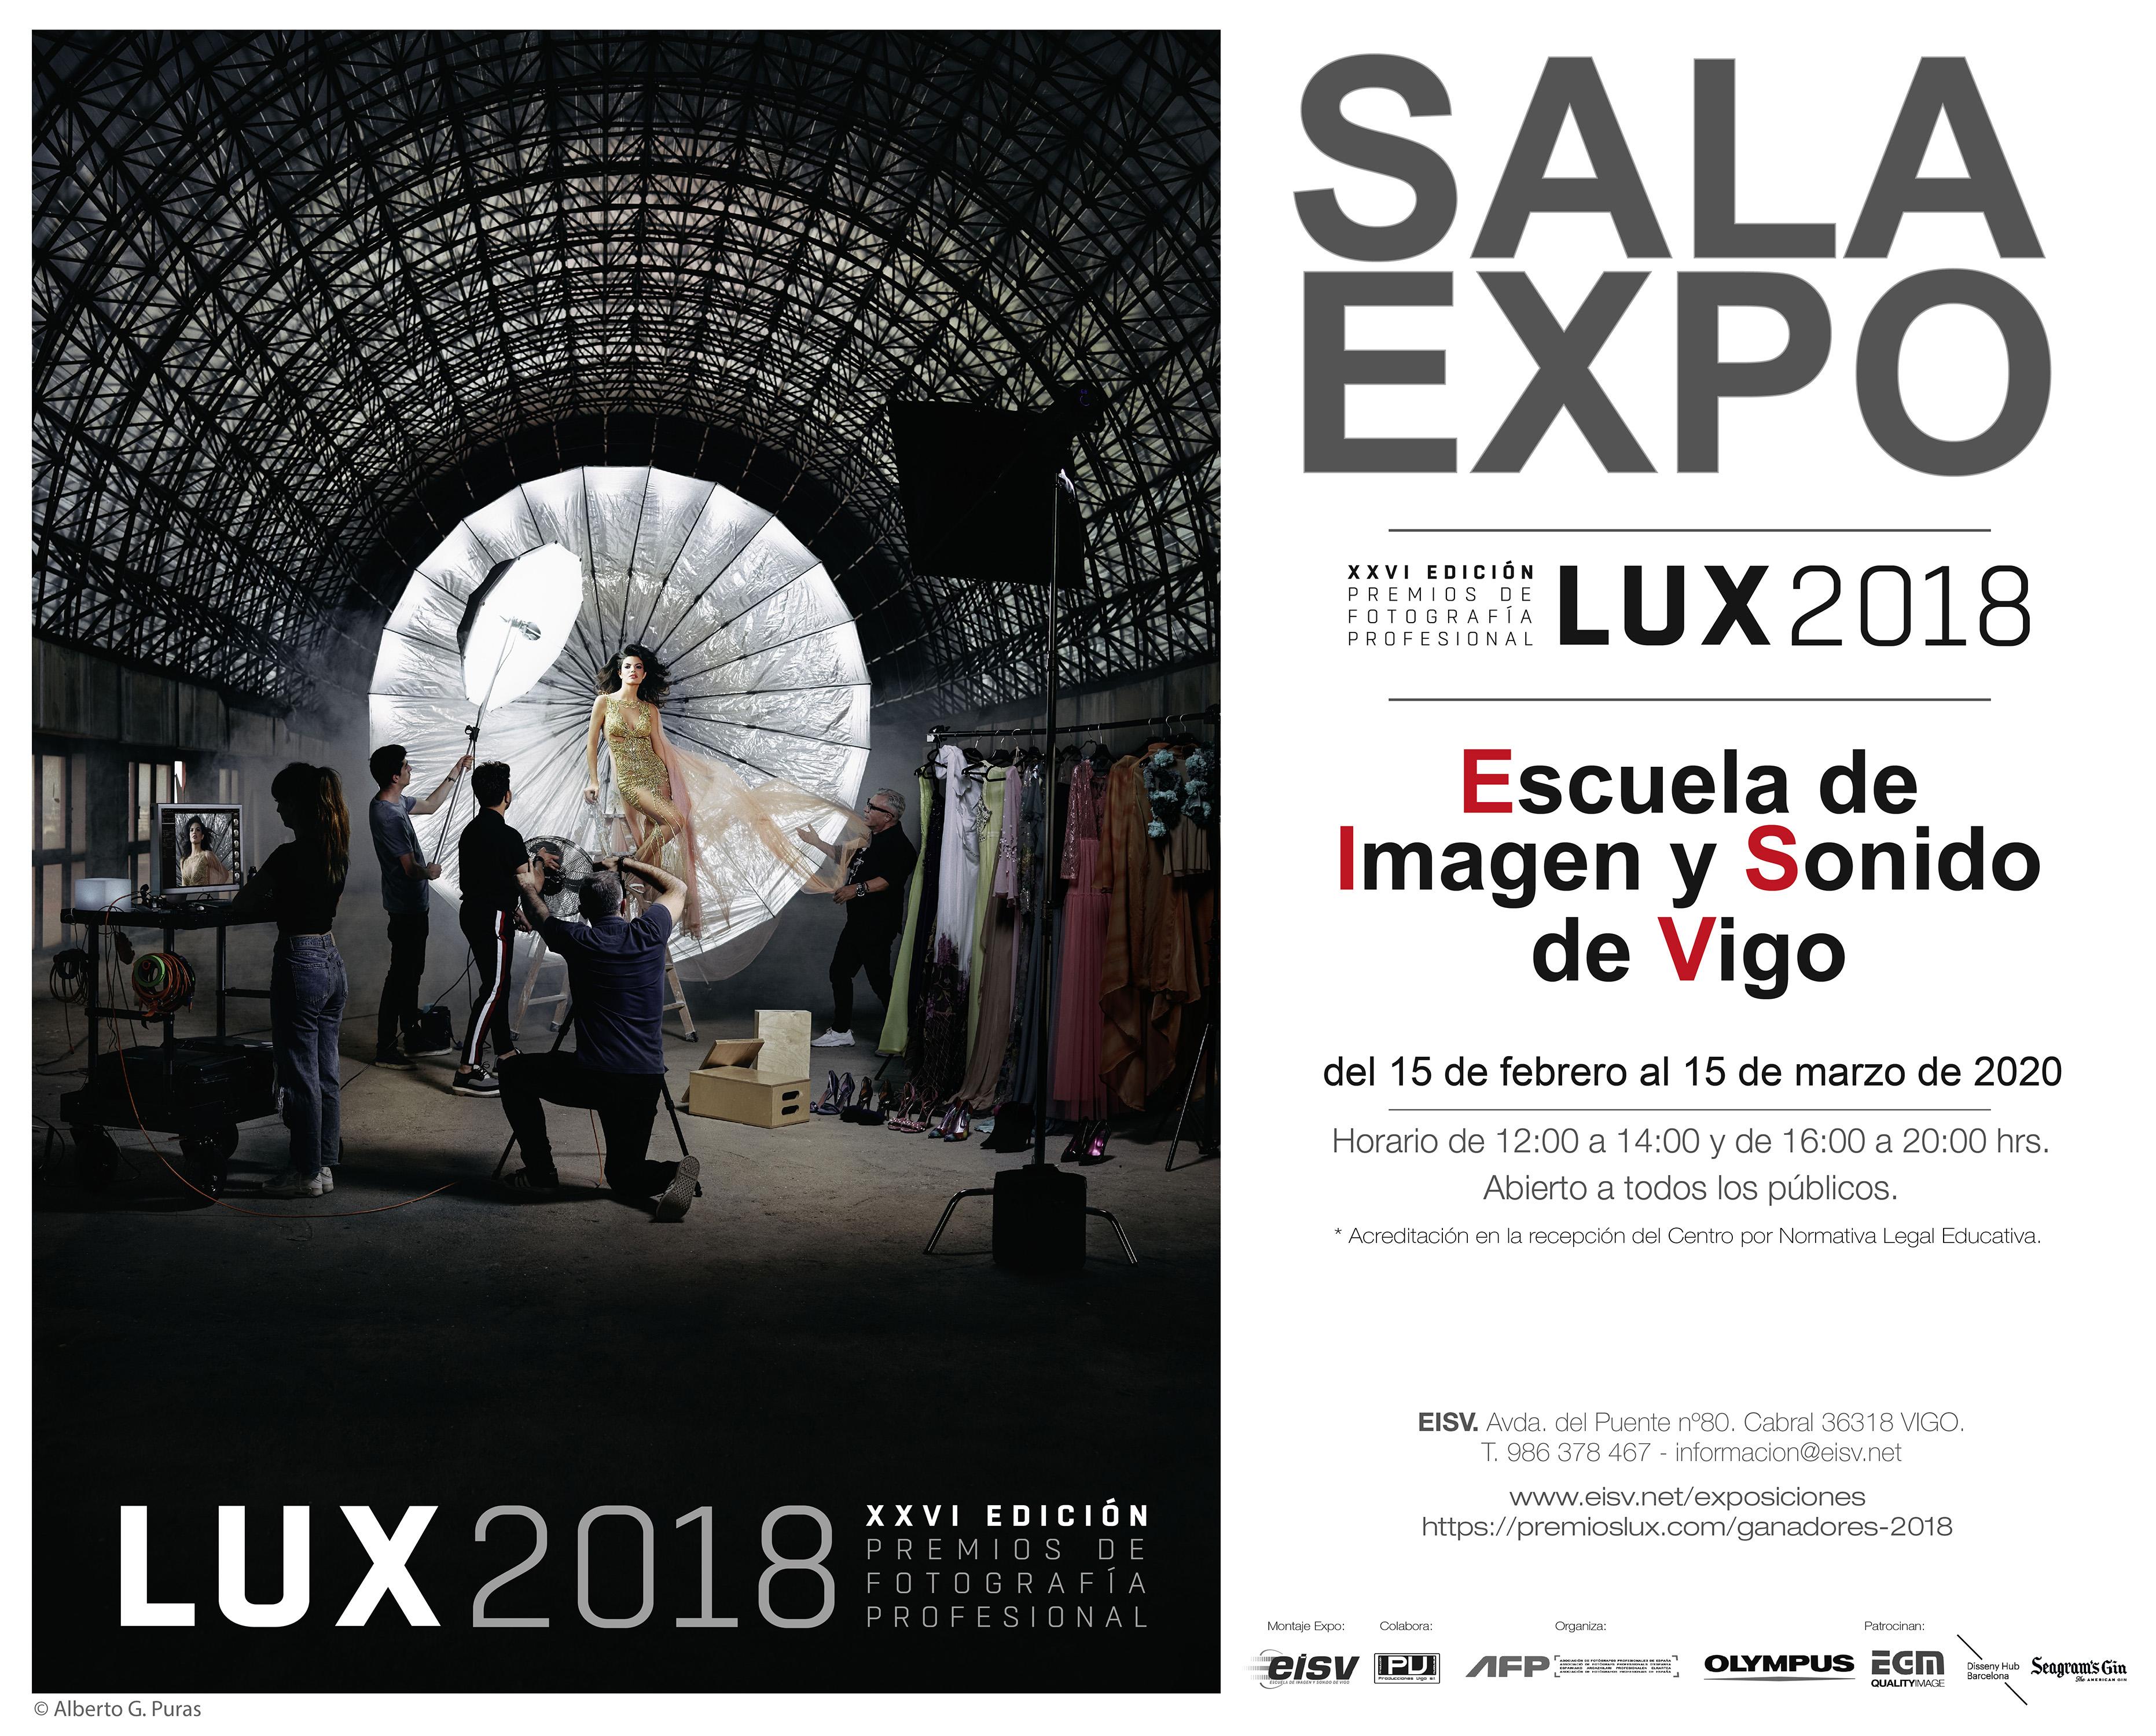 XXVI premios de fotografía LUX - Exposición